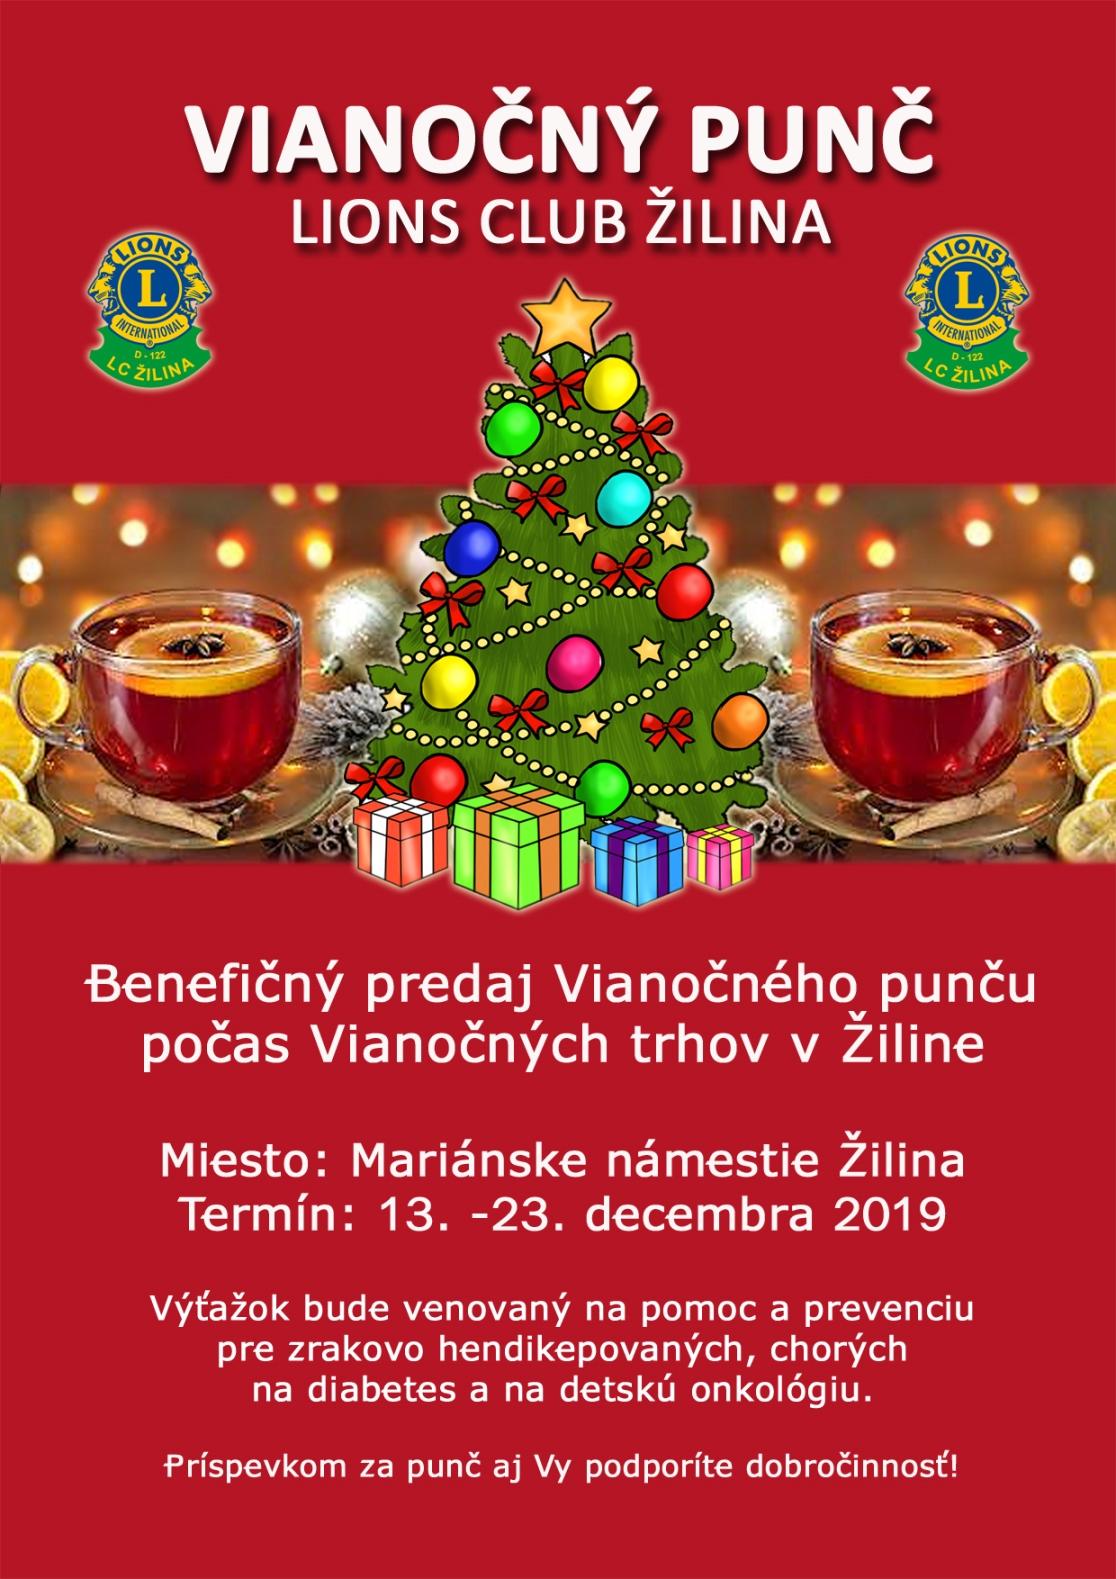 Vianočný punč 2019